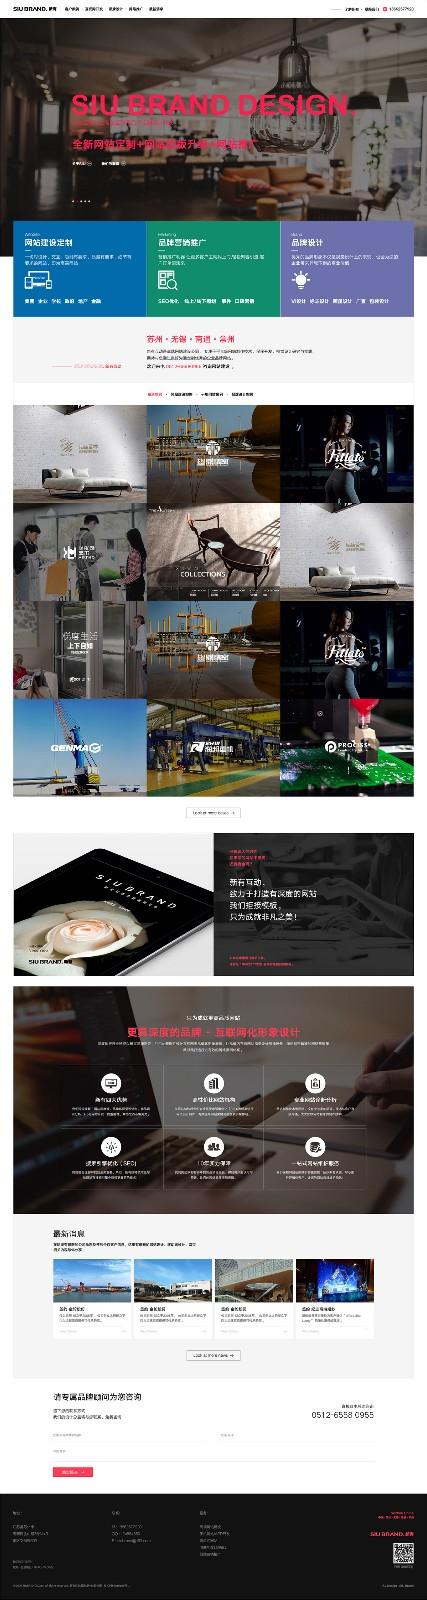 苏州高端网站建设公司重磅优惠来袭 软件开发苏州集团网站设计公司物有所值